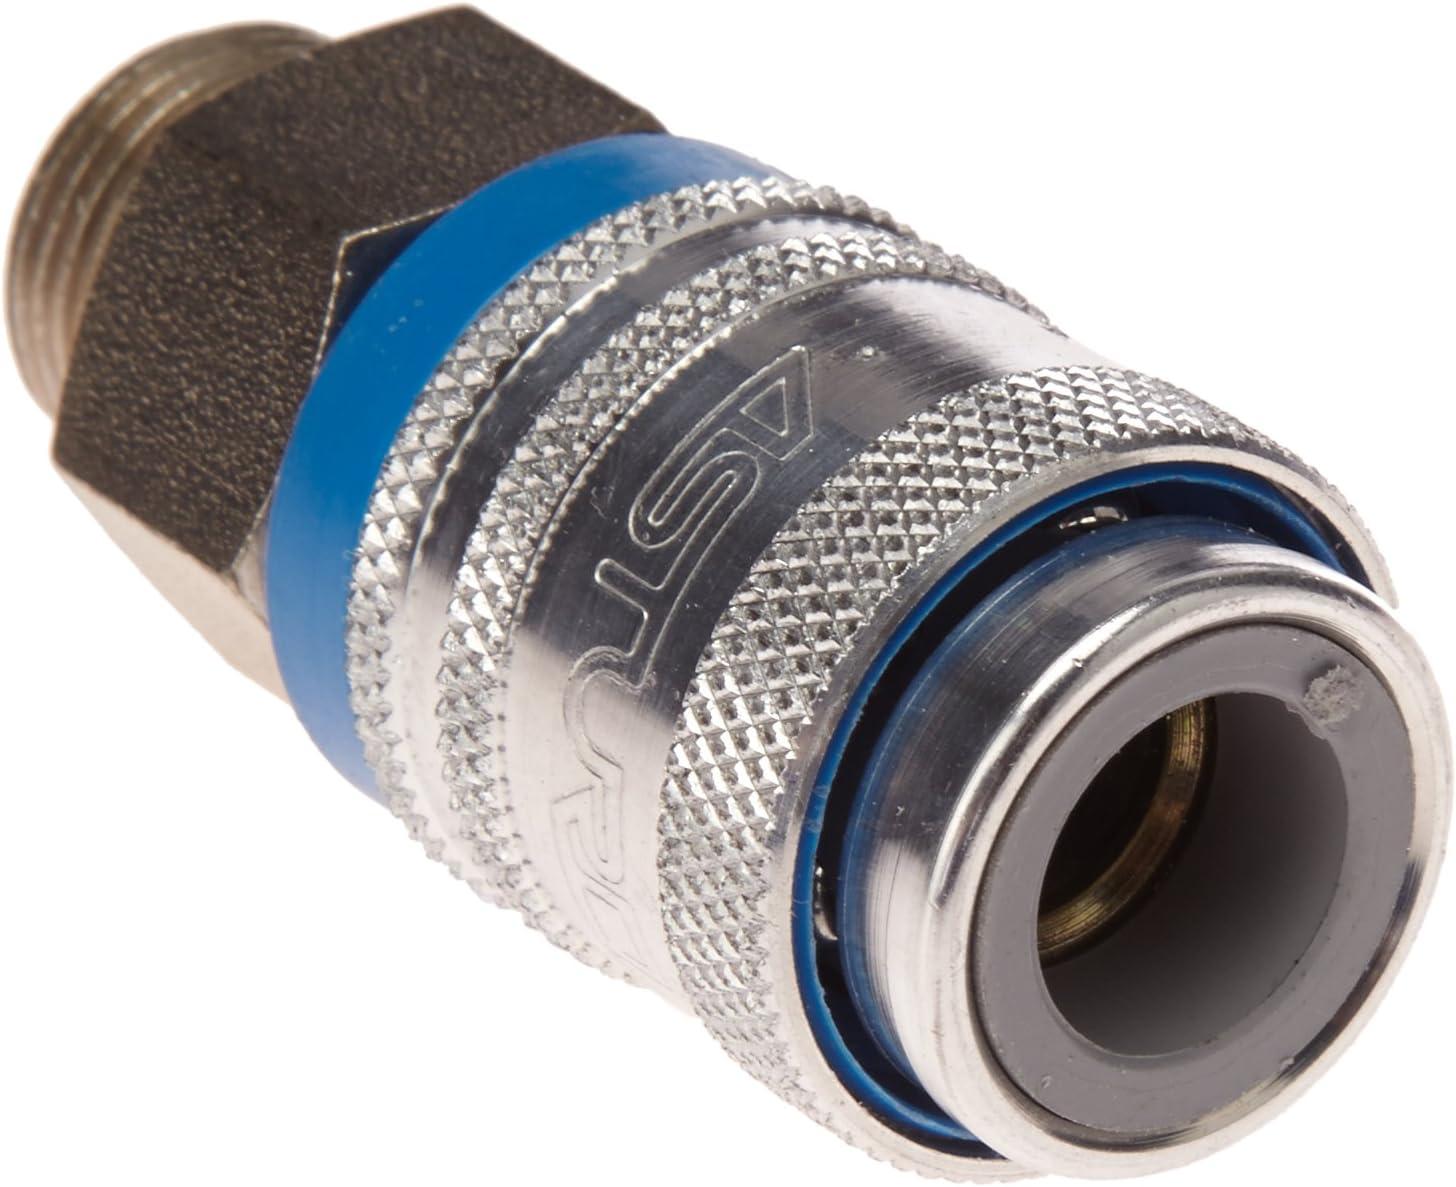 Mecafer 156320 Schnellkupplung Metall Universell 3 8 M Baumarkt